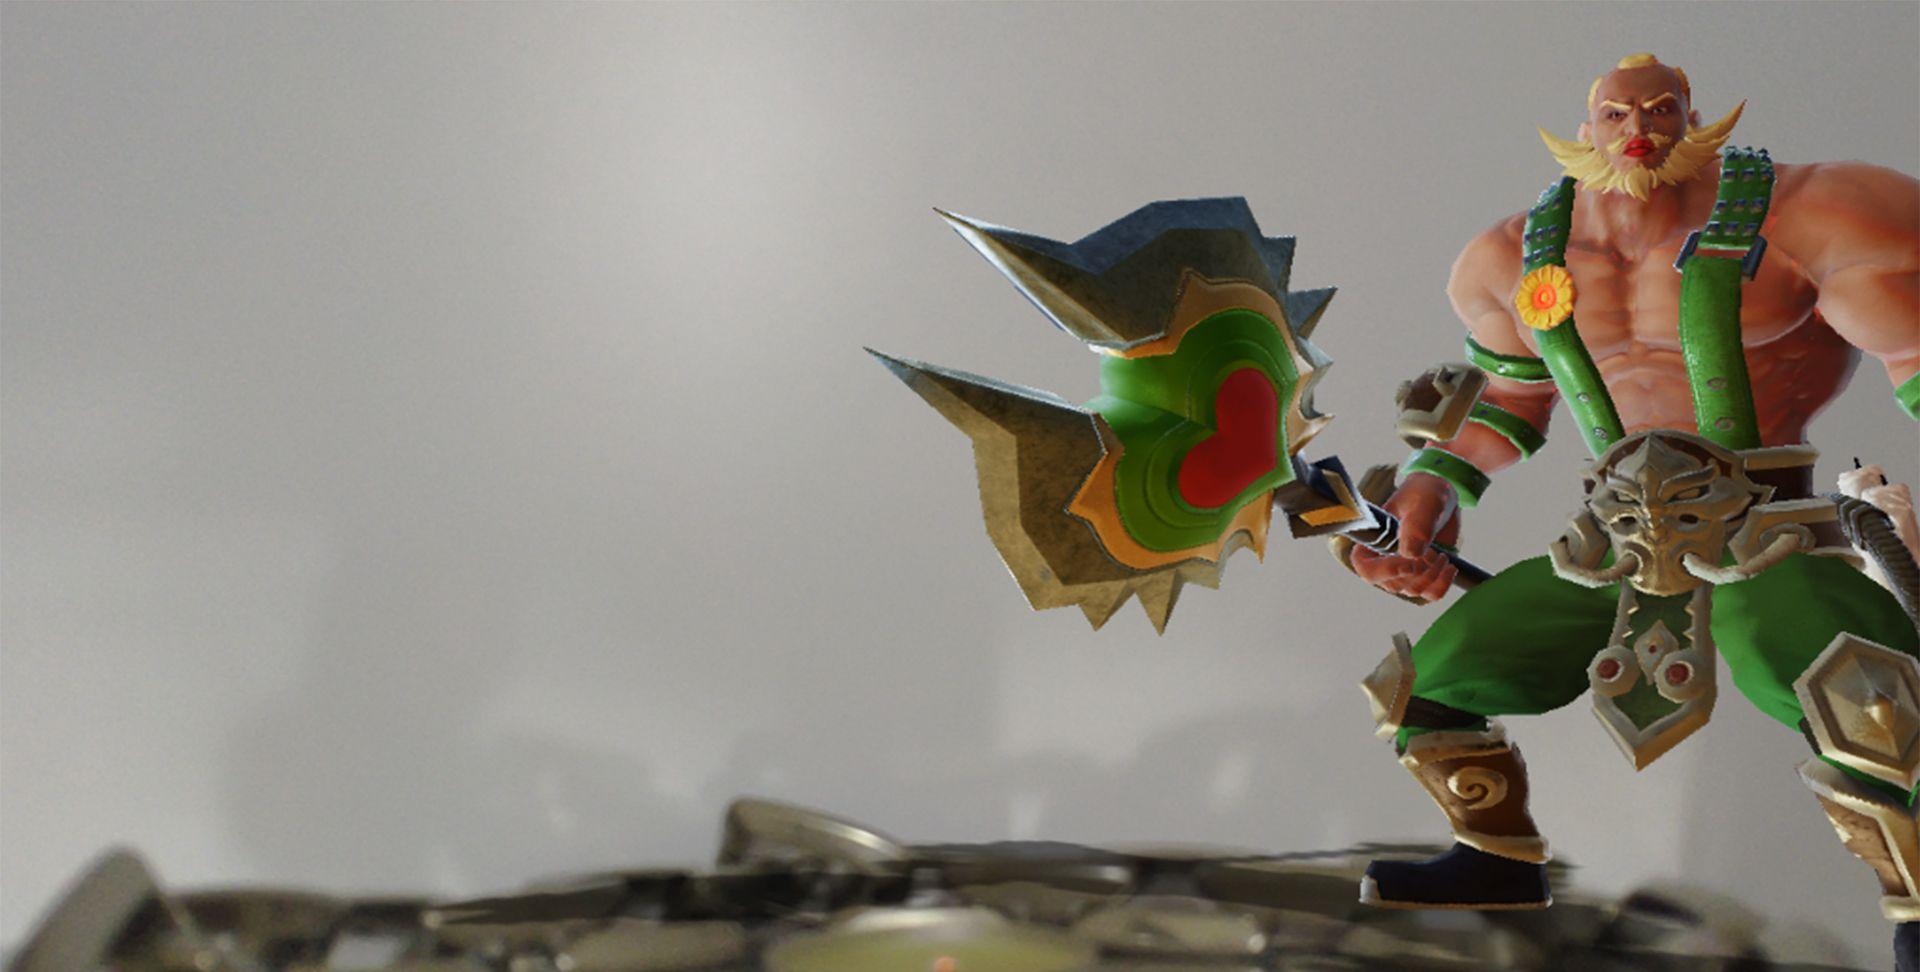 王者荣耀:小绿程咬金!关键4个步骤!玩转王者峡谷